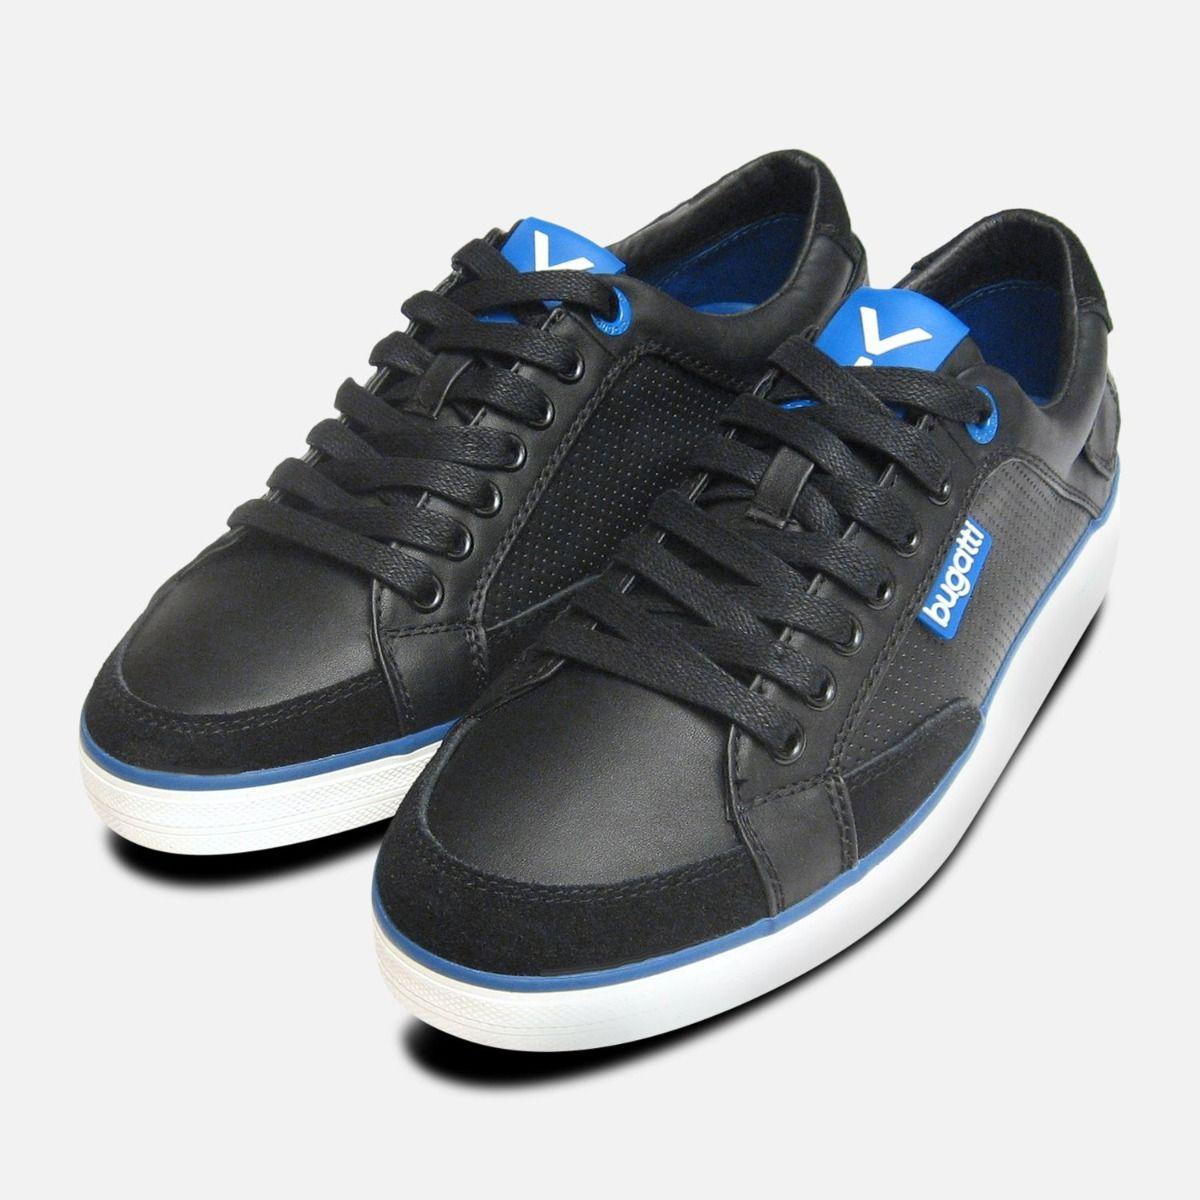 56e13f49498dea Black   Navy Blue Leather Mens Designer Trainers by Bugatti Sneakers